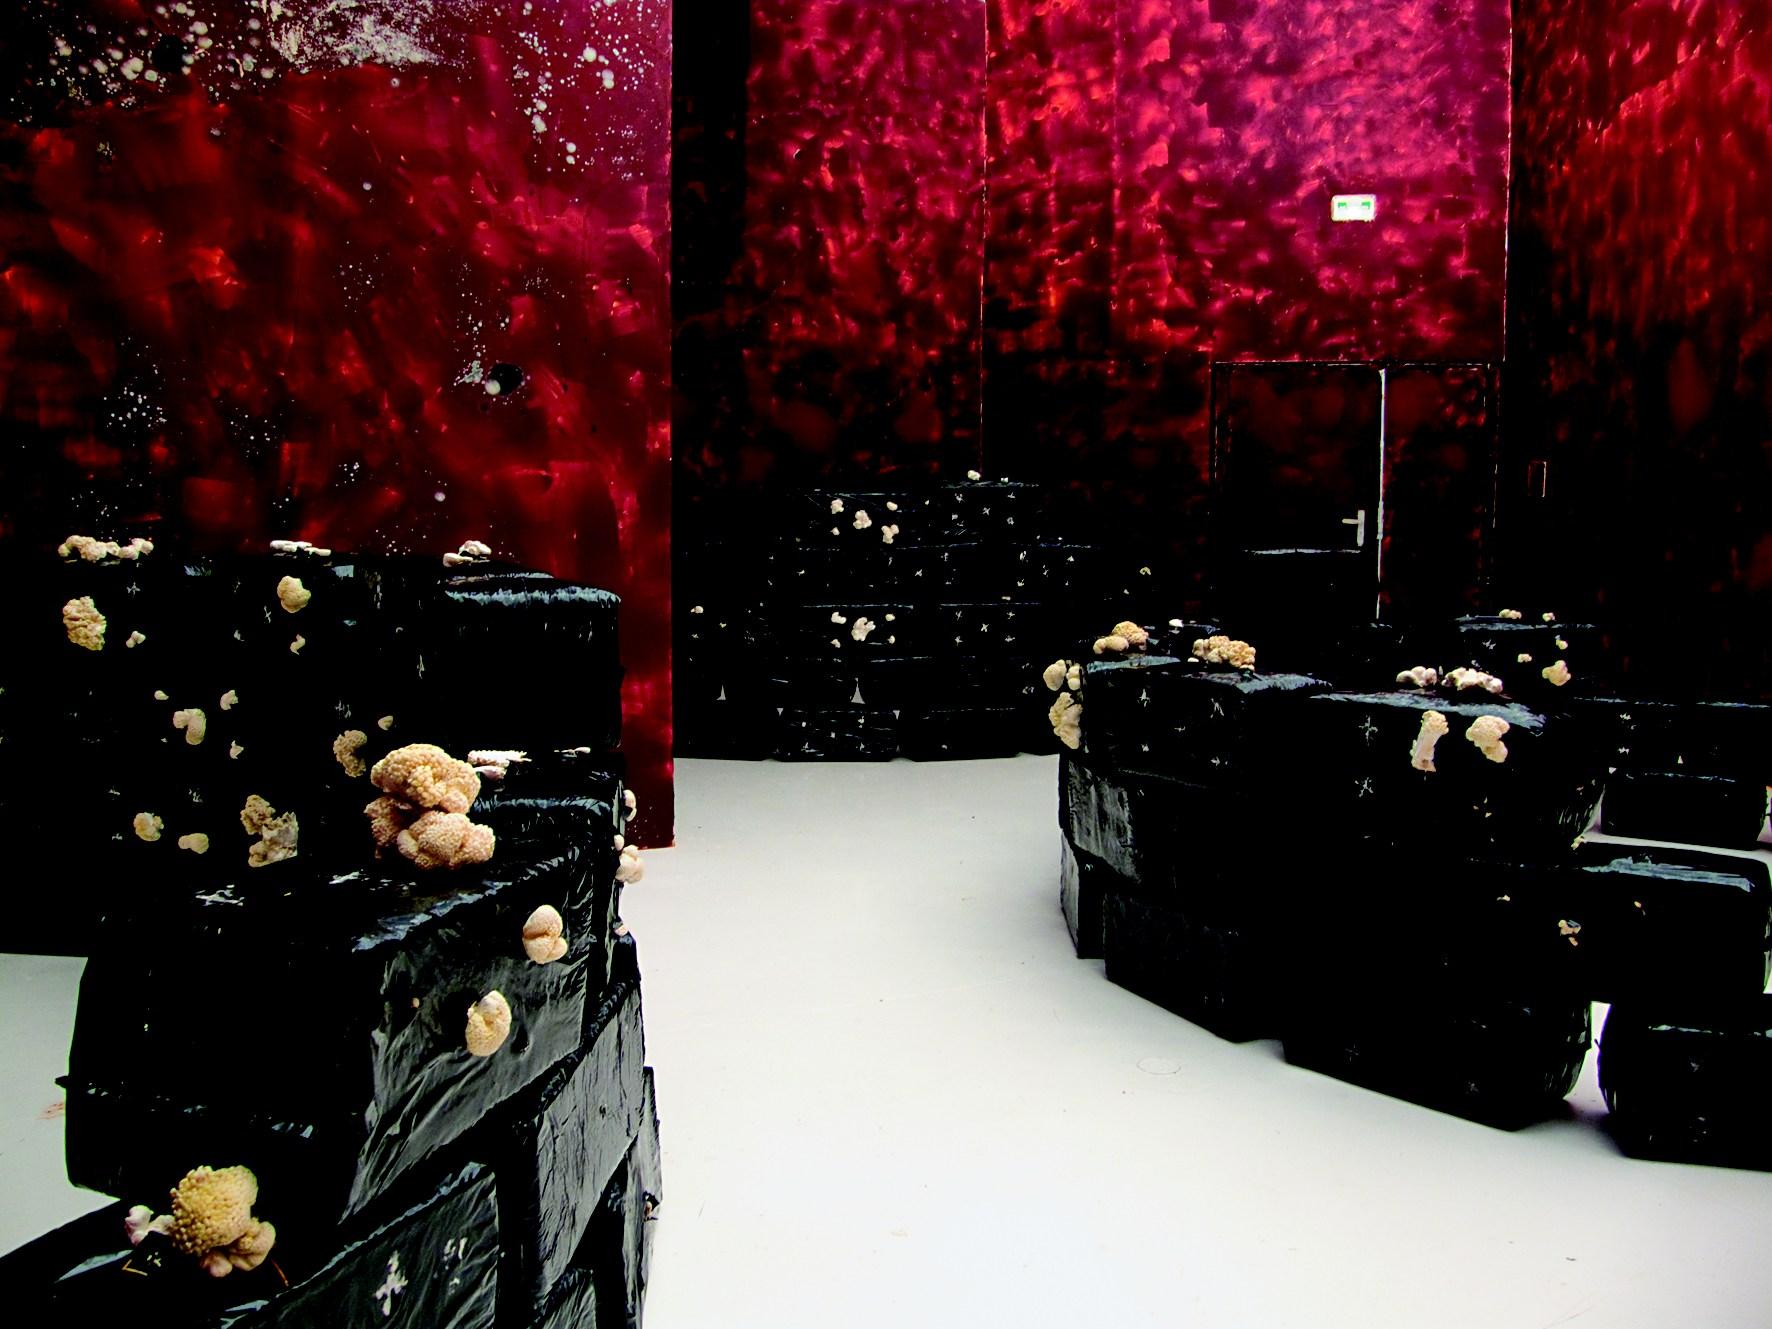 Murs de double concentré de tomates@sans sel et briques de culture@de pleurotes